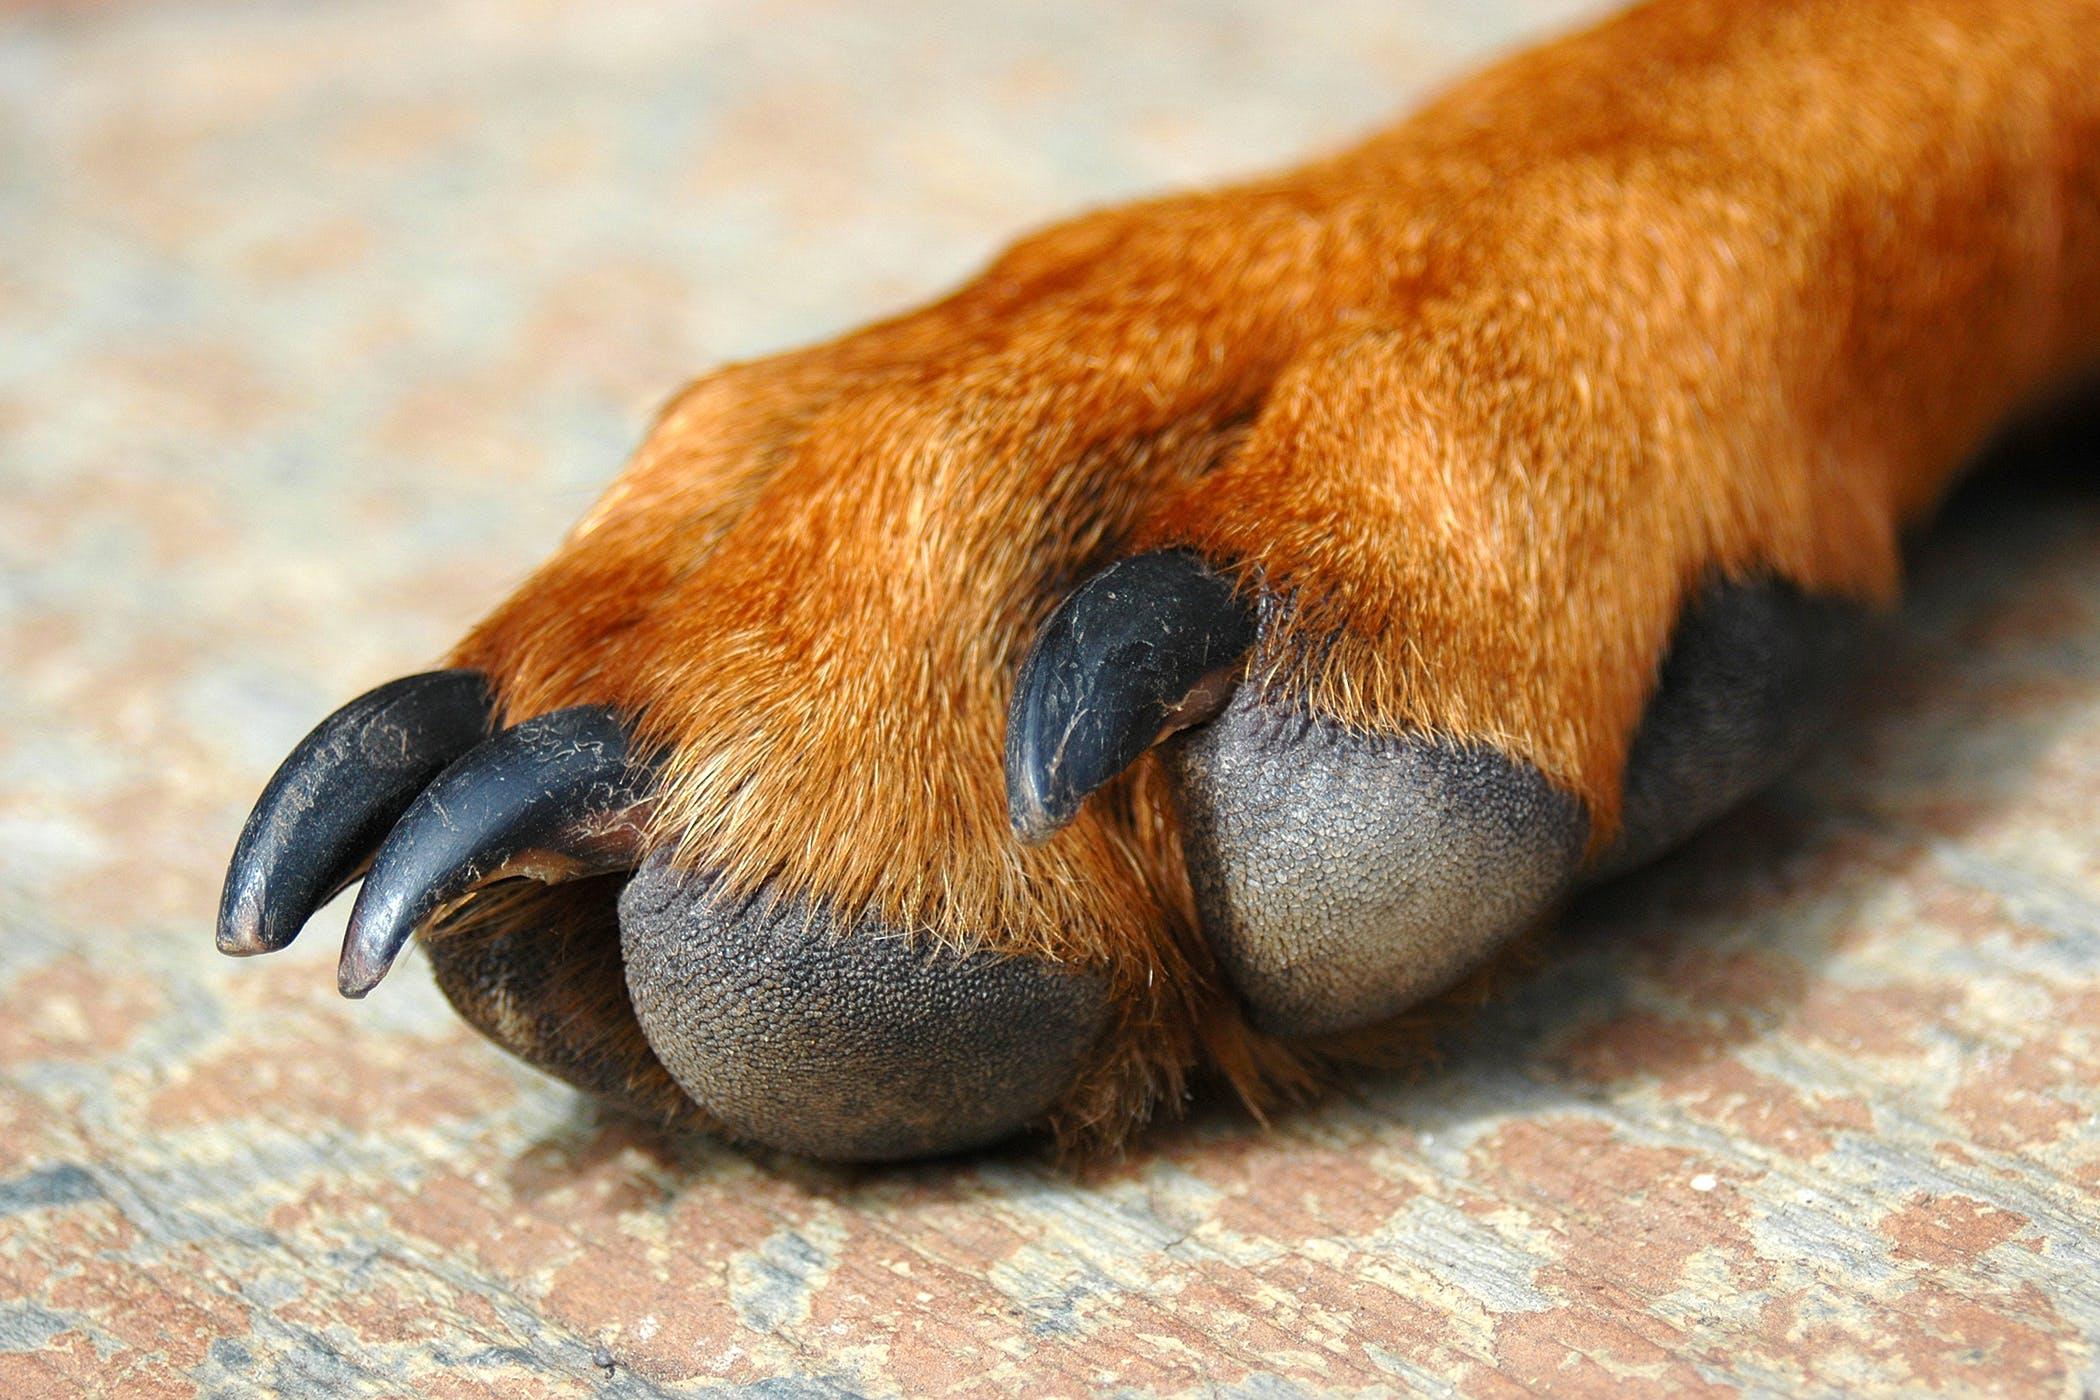 Dogilike.com :: น้องหมาเลียอุ้งเท้าตัวเองเกิดจากการอักเสบ?